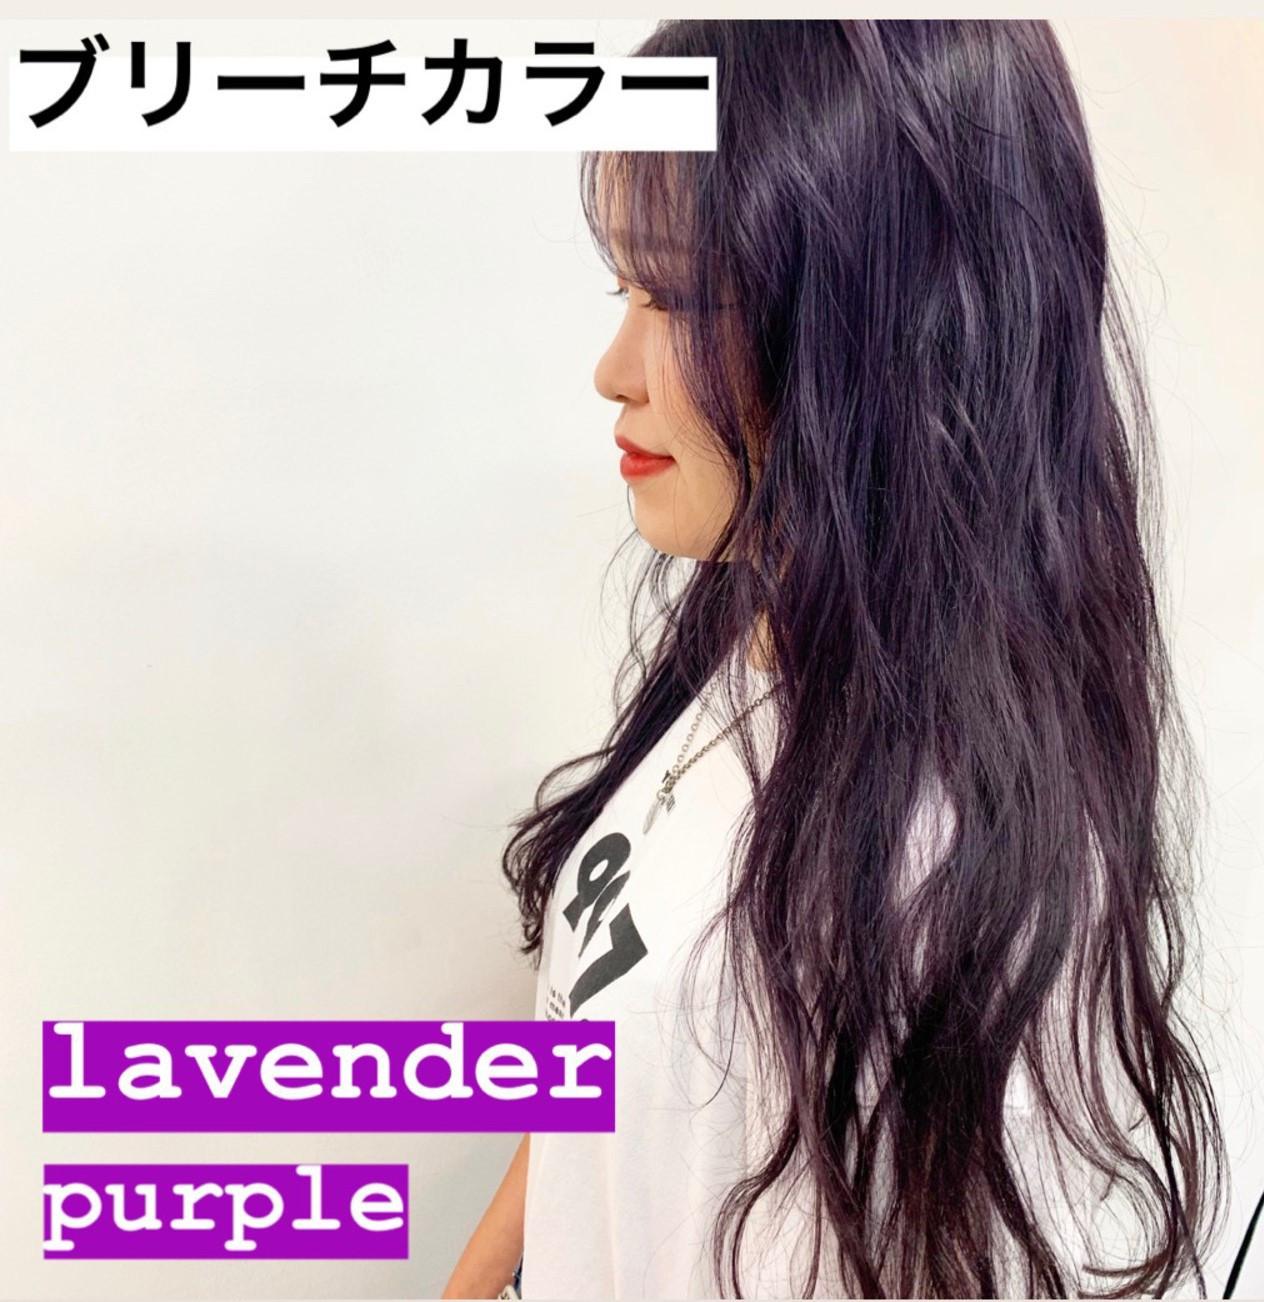 ブリーチ ラベンダーアッシュ パープルカラー ラベンダーグレージュ ヘアスタイルや髪型の写真・画像